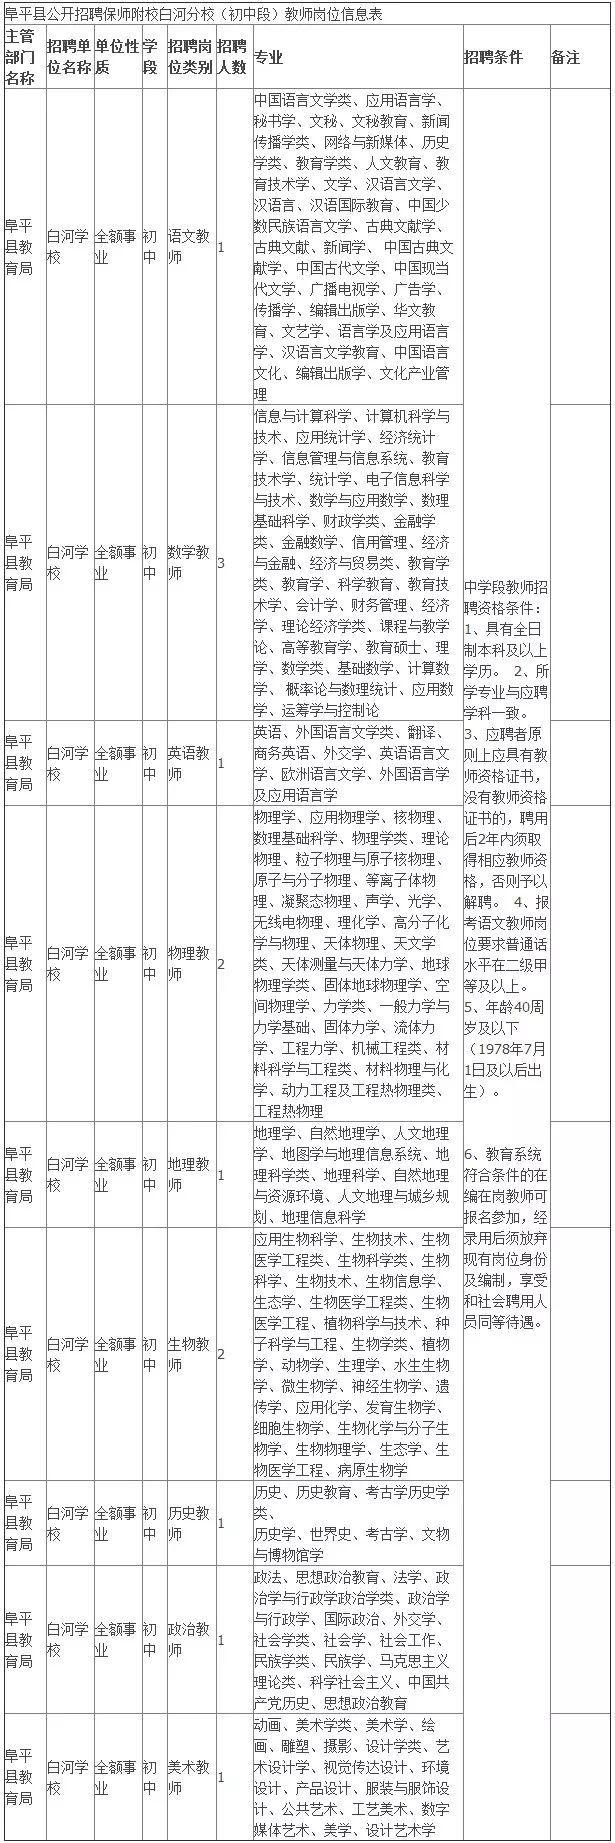 河北各地最新招聘教师280余人,抓紧报名!